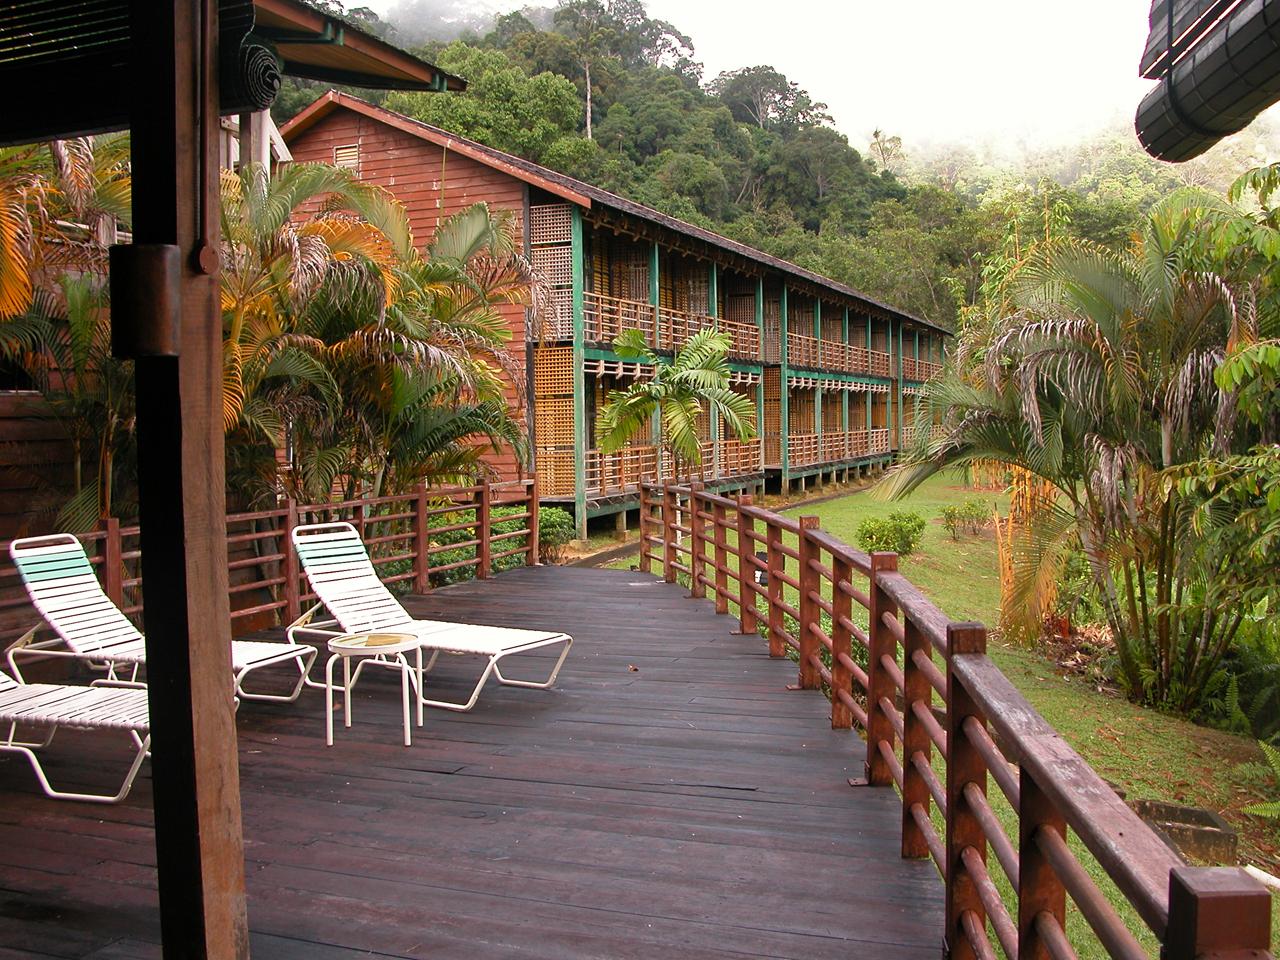 Maleisië, ons verblijf die in het regenwoud aan de Rajan rivier - Sarawak